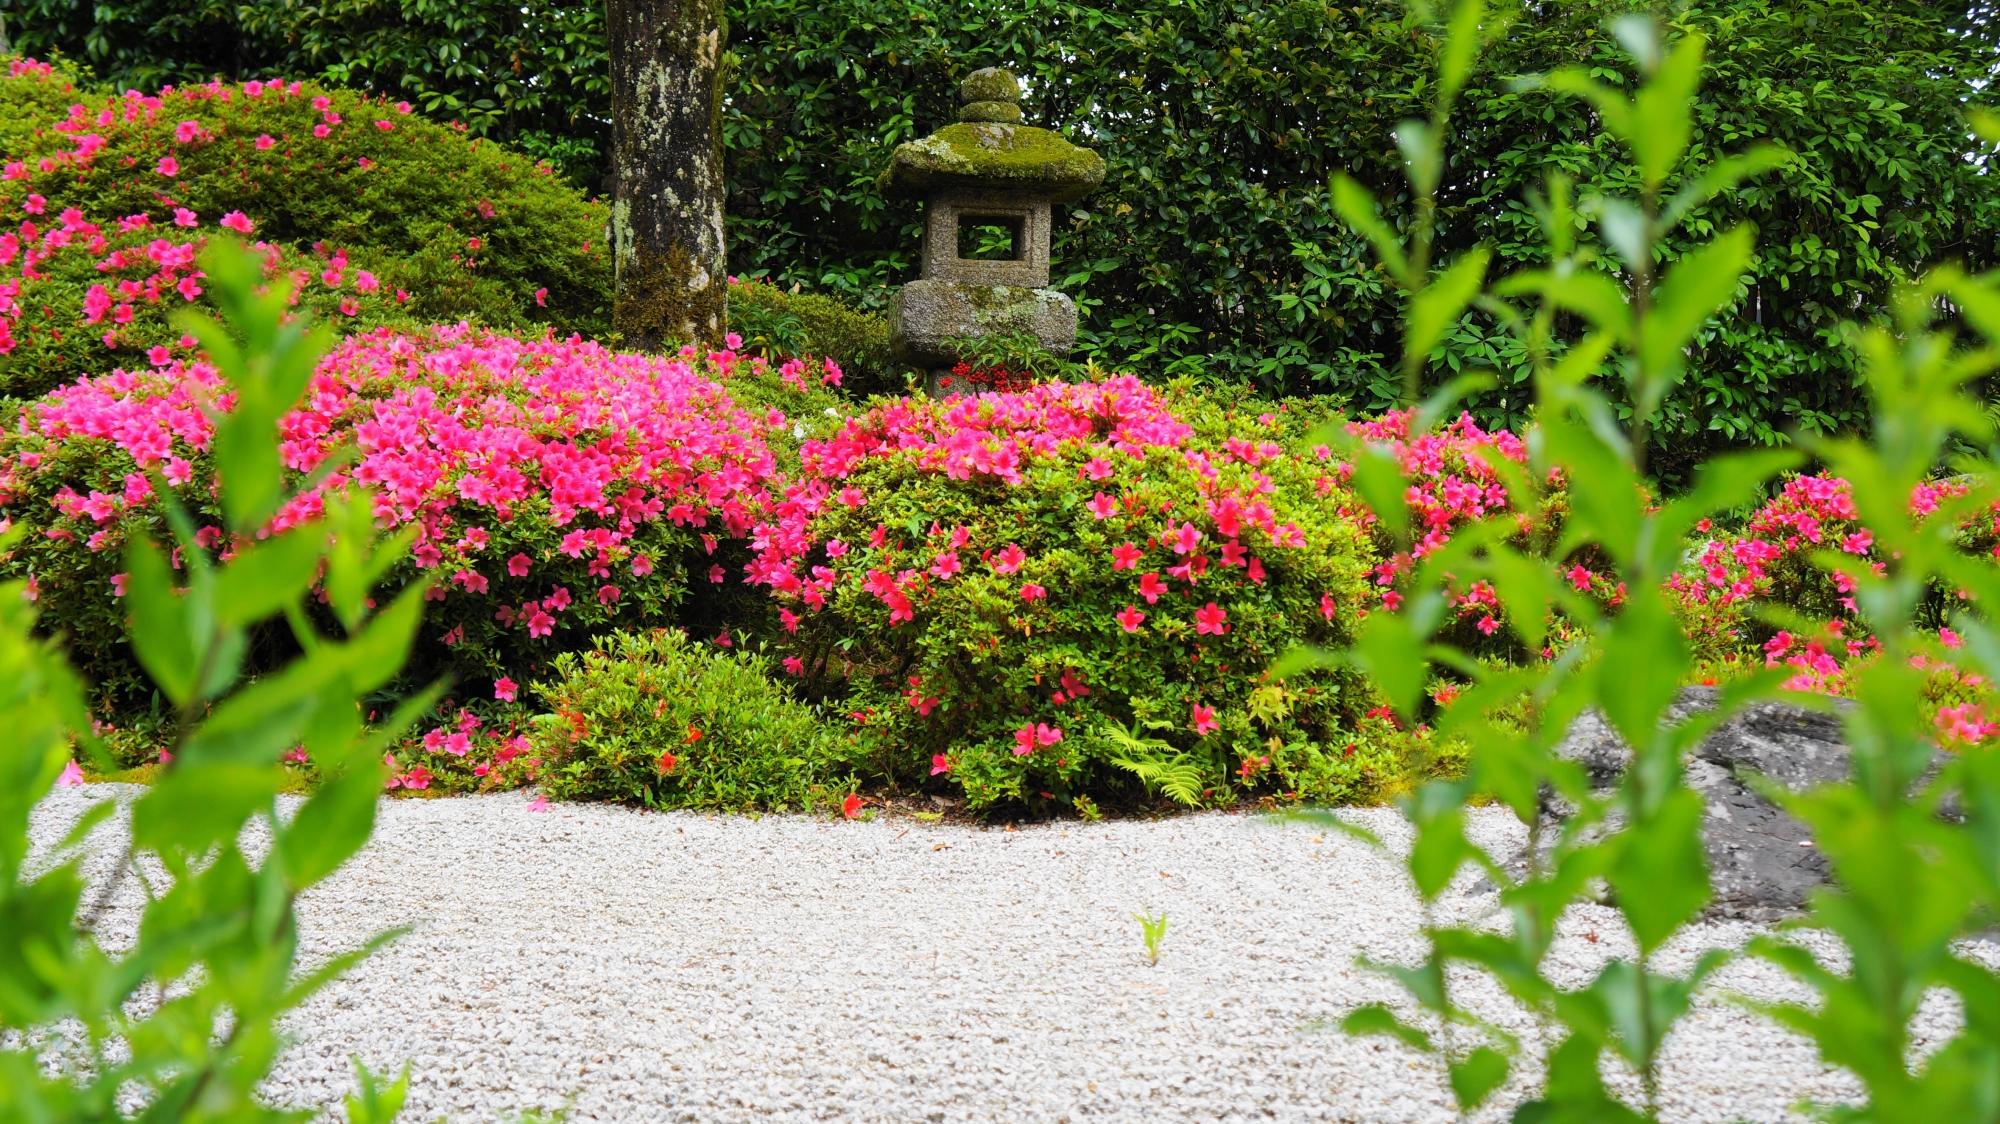 金福寺の鮮やかな緑と煌くピンクにつつまれる蟷螂